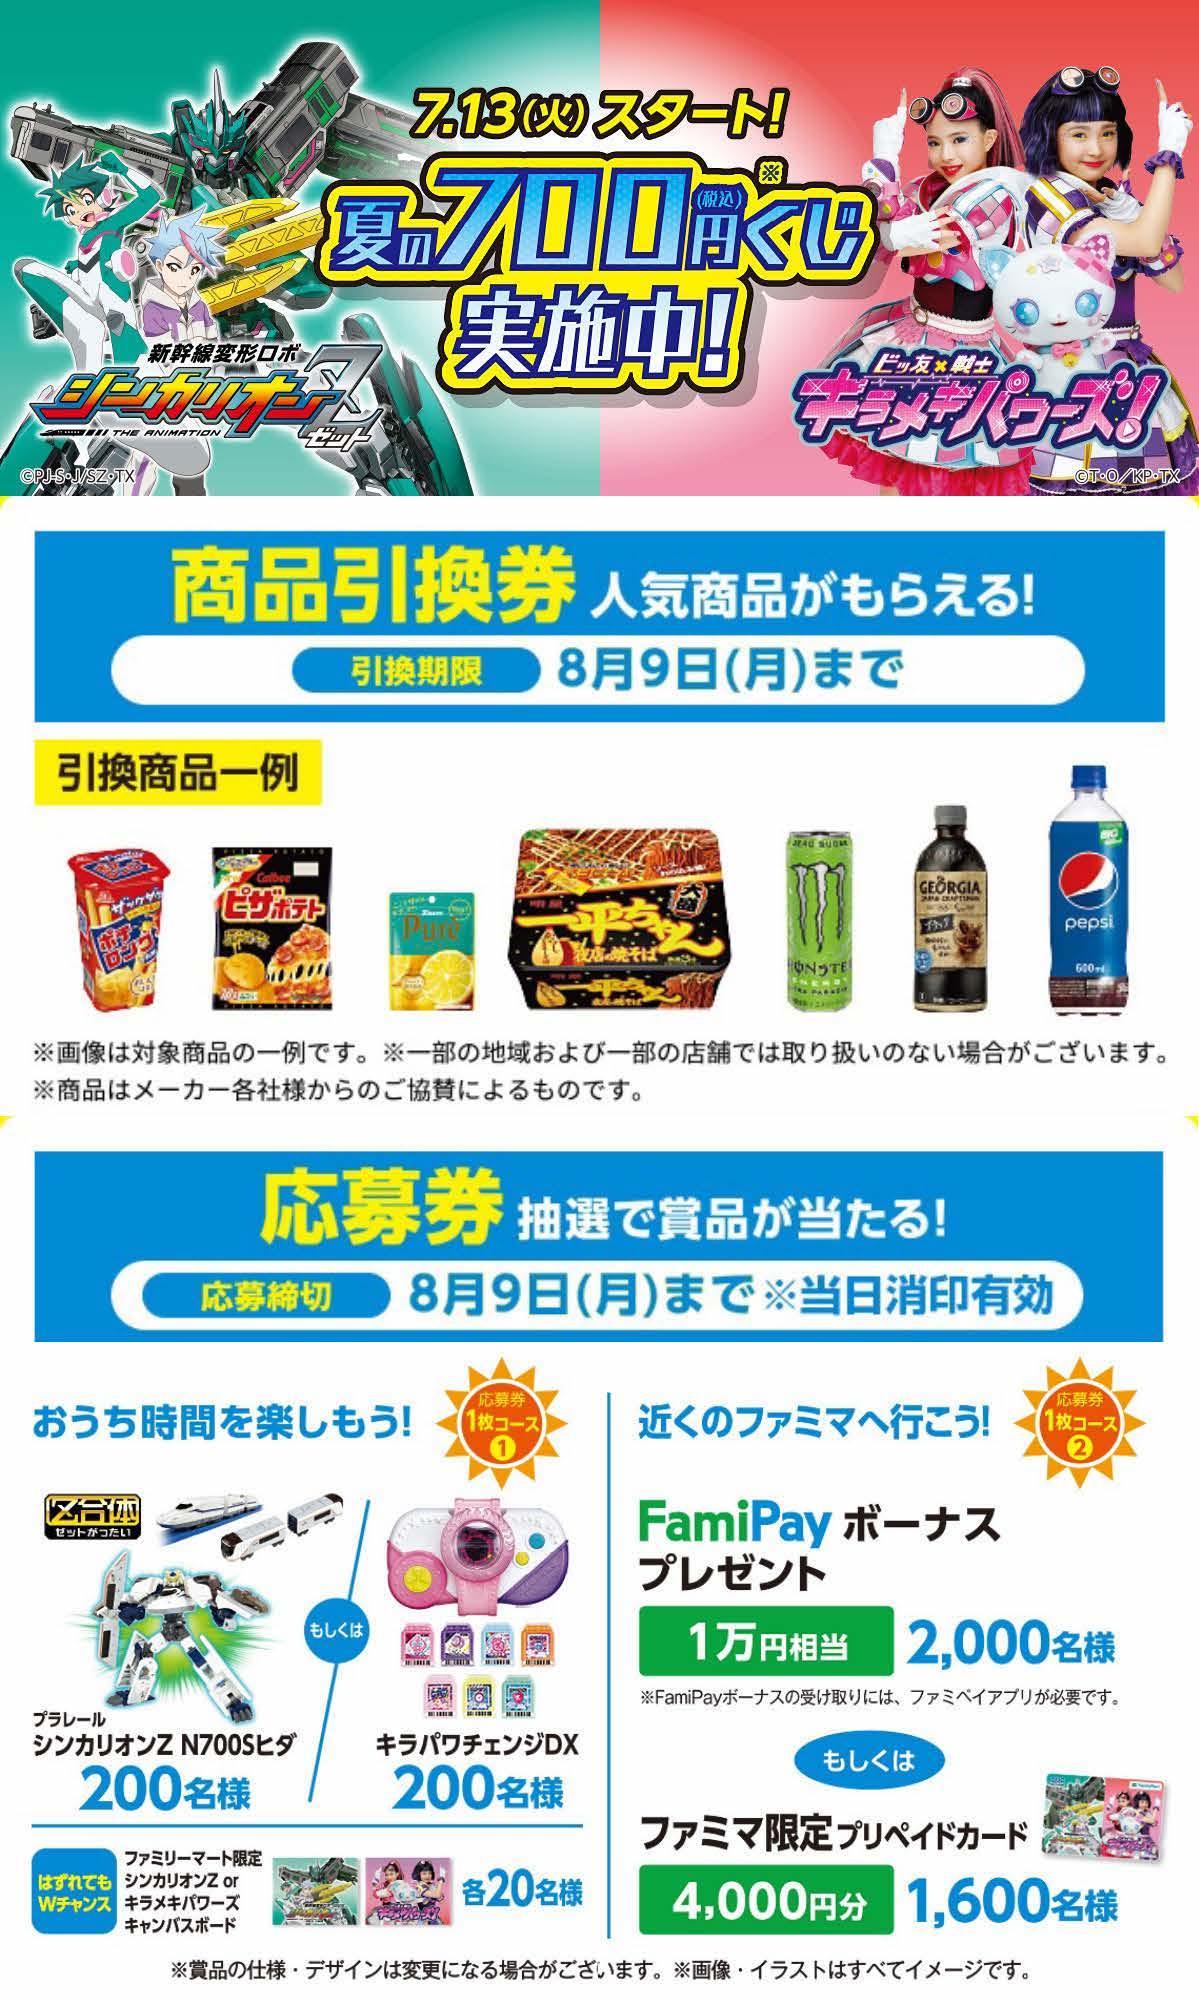 夏の700円くじ開催!